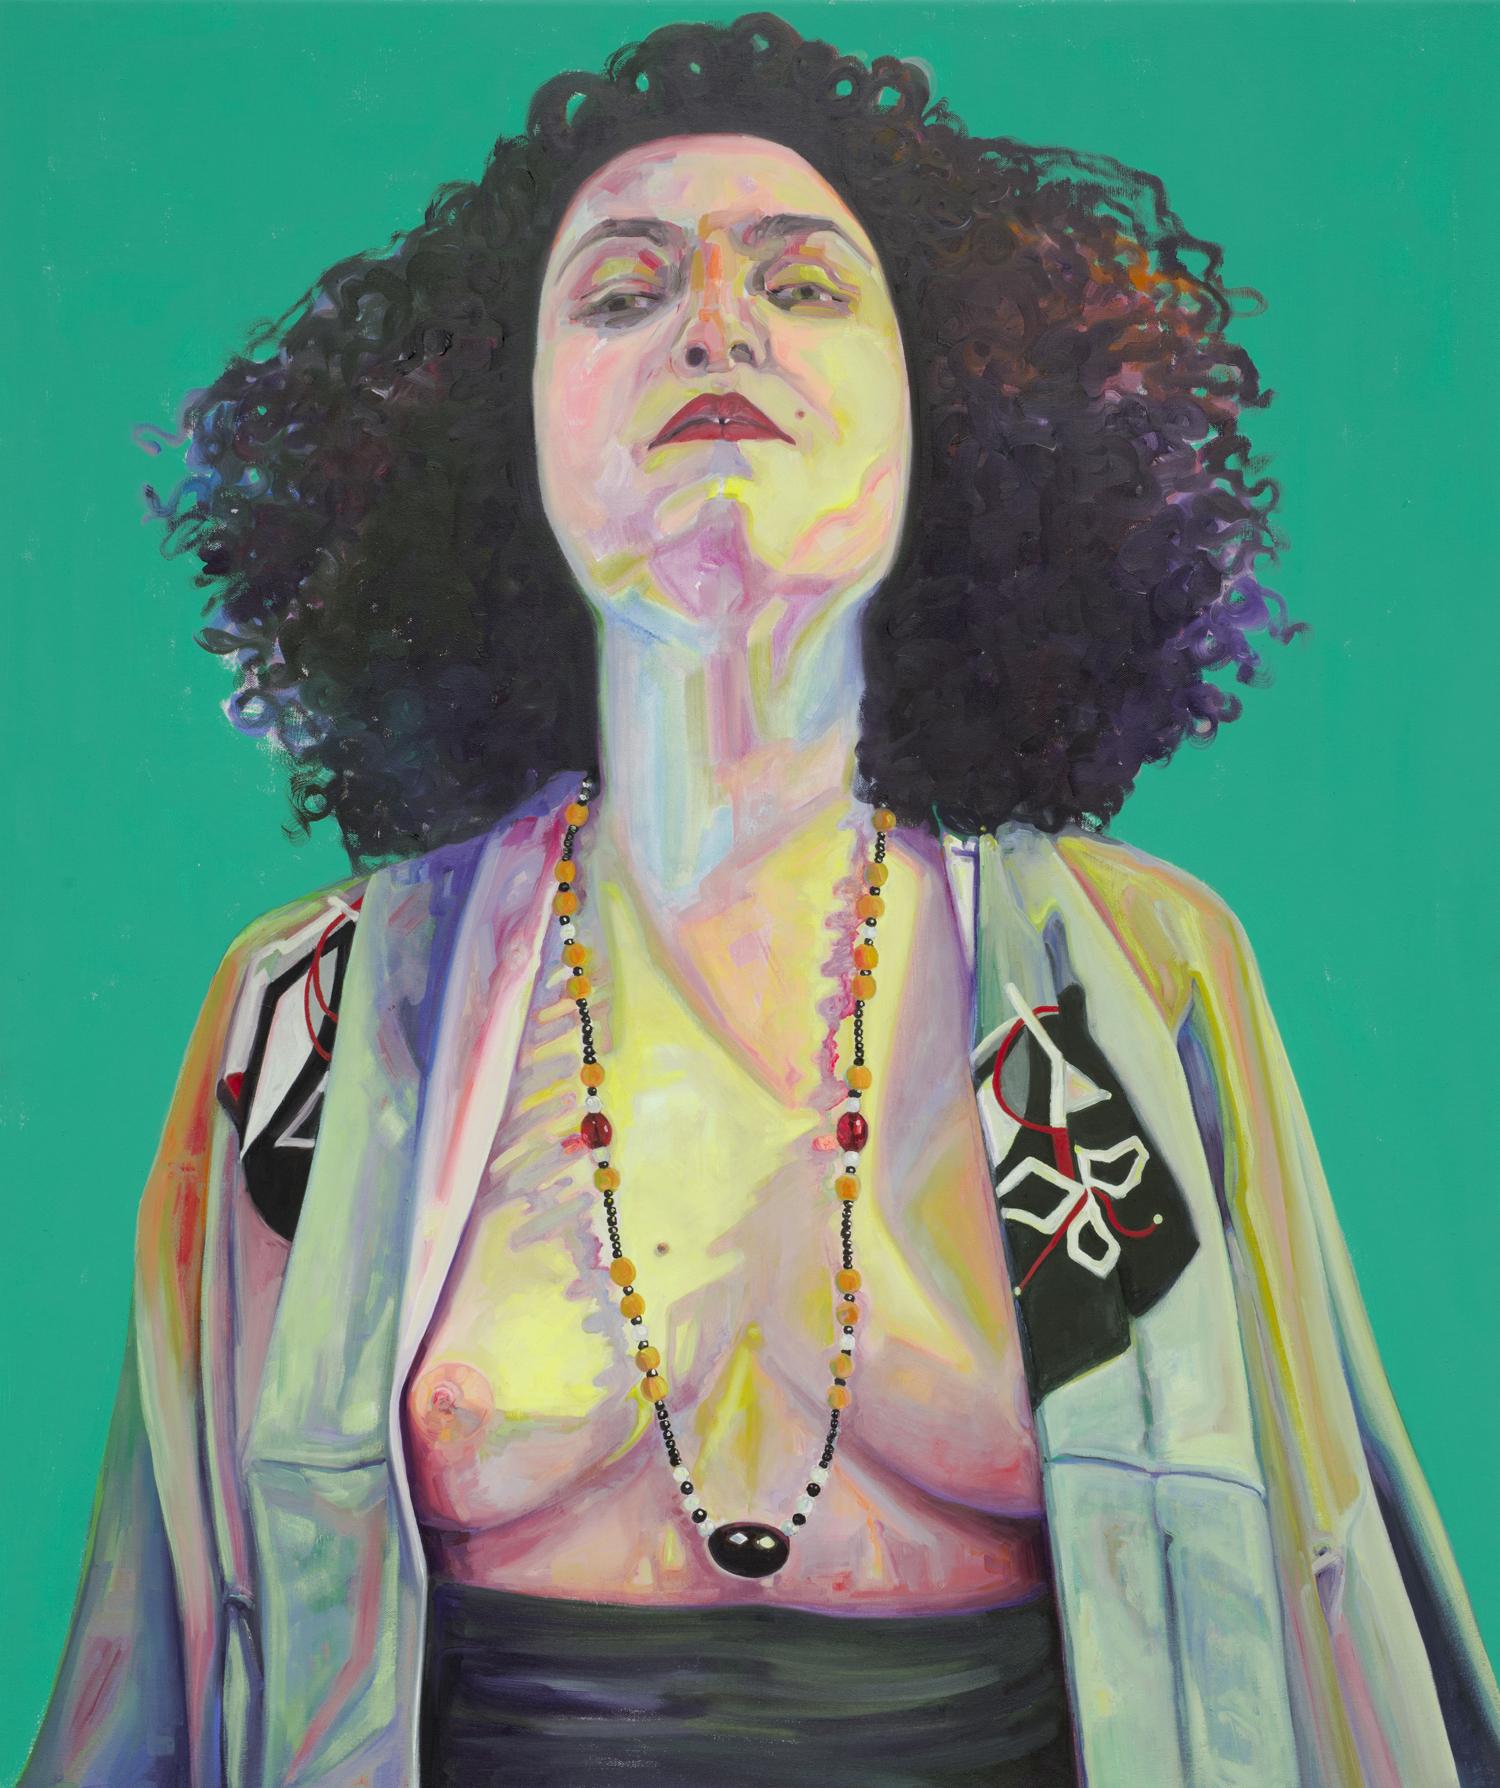 Amanda Joy Calobrisi,  Unfolding , oil and flashe on canvas, 38 x 32 inches